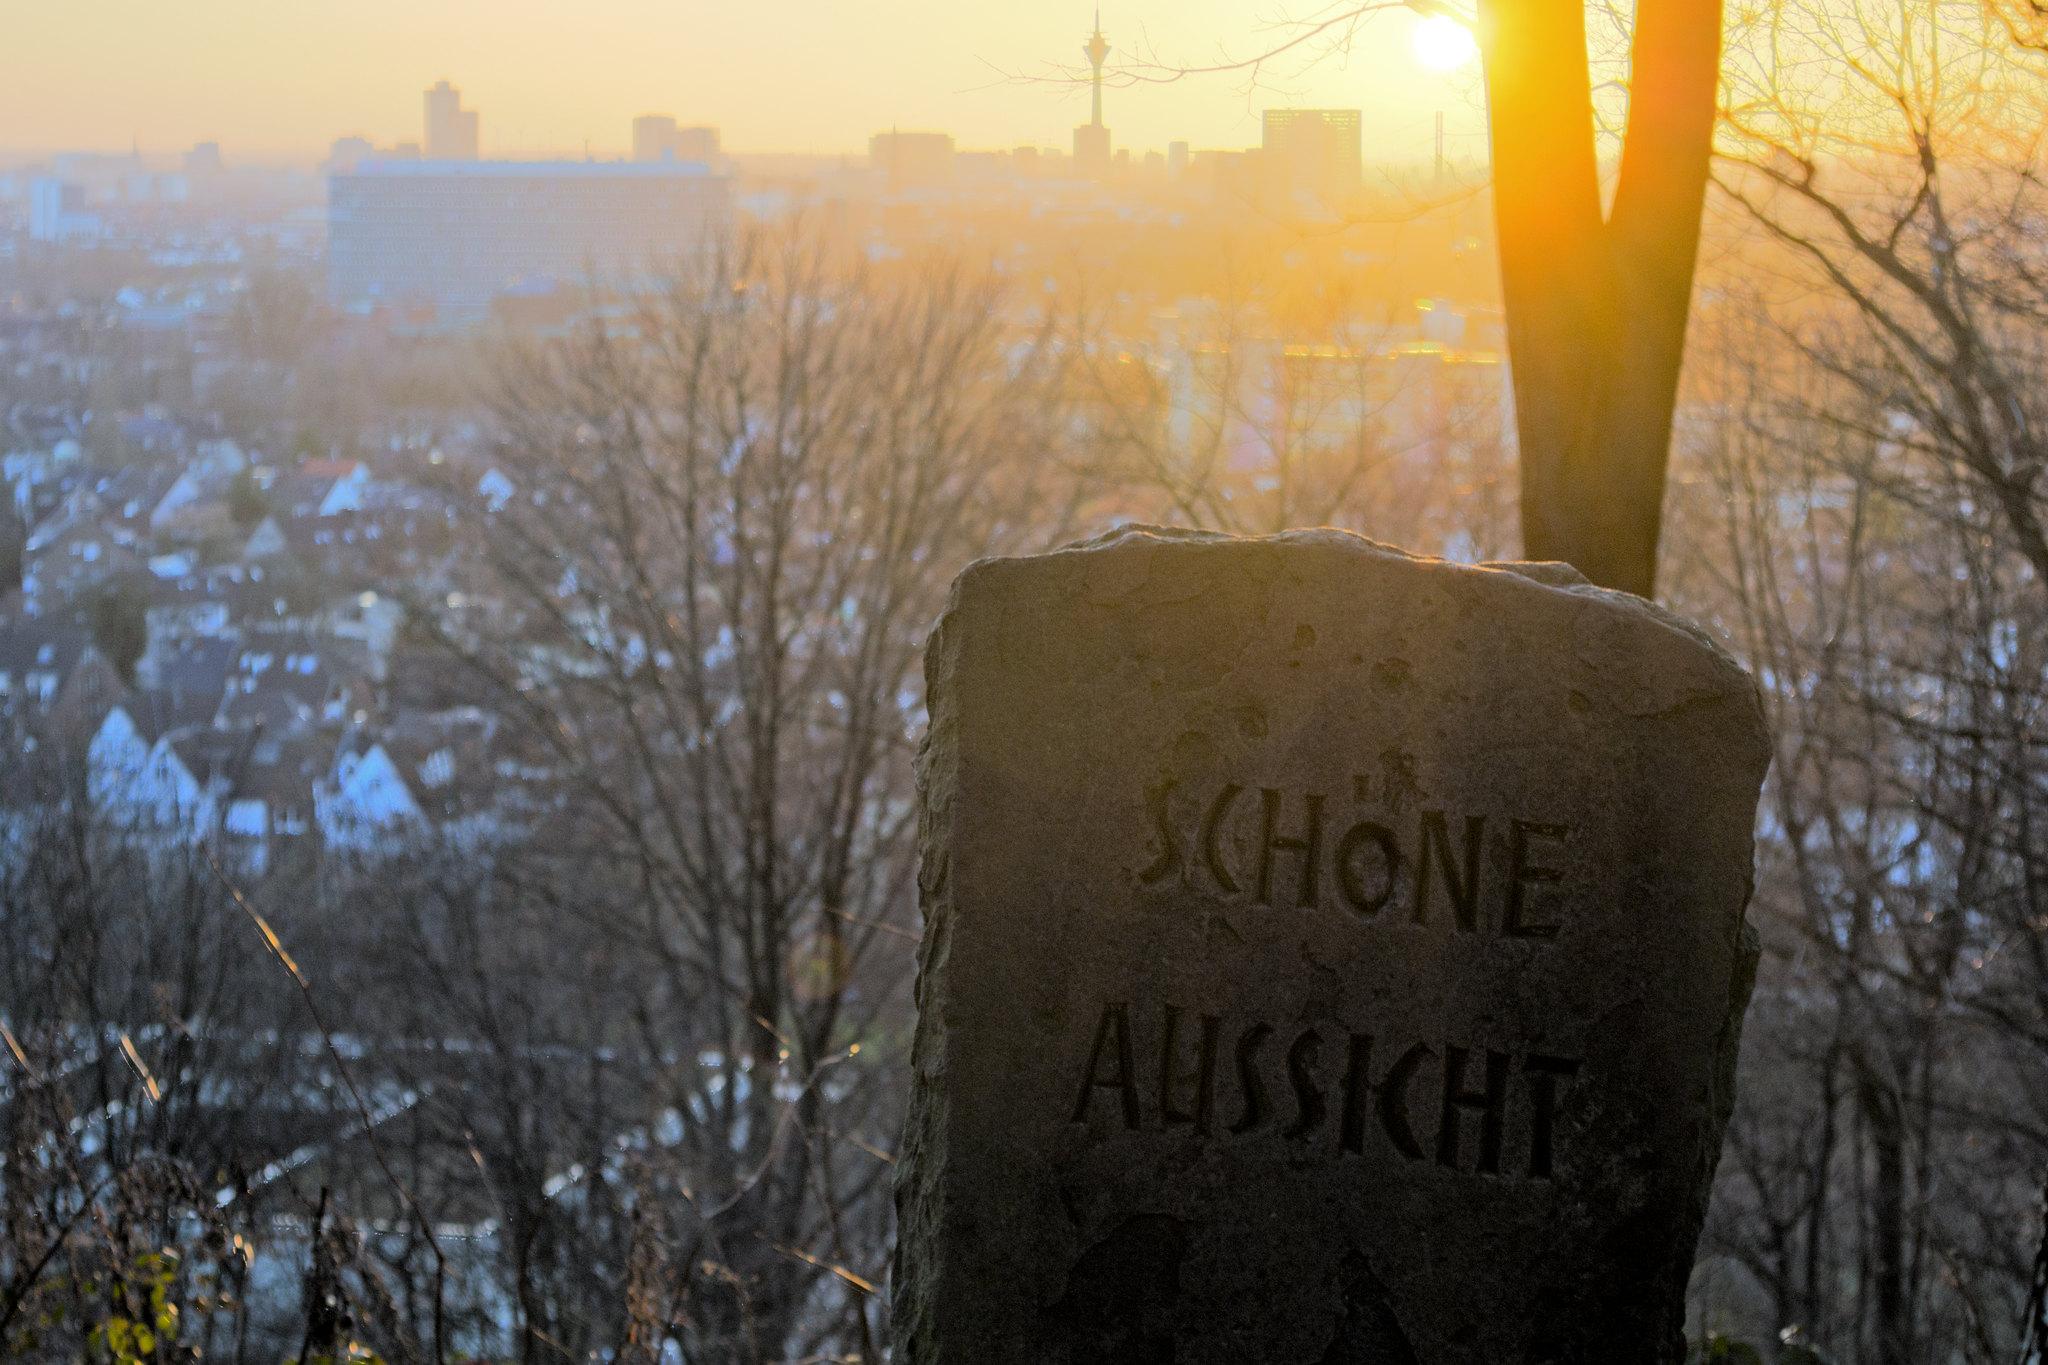 """Schöne Aussicht (Bildbeschreibung: Im Vordergrund rechts steht eine Steinplatte, in die """"SCHÖNE AUSSICHT"""" eingemeißelt wurde, dahinter ragt ein Baum mit zwei massiven Stämmen empor. Rundherum befinden sich Äste der umliegenden Bäume. Im Hintergrund befinden sich viele Häuser, auf die man von schräg oben herabblicken kann und dahinter am Horizont die Silhouetten der Düsseldorfer Skyline mit dem Rheinturm. Von oben, neben bzw. hinter dem Baum scheint die goldgelbe Sonne und illuminiert alles in warmen, weichen Farben. Es ist kurz vor dem Sonnenuntergang.)"""